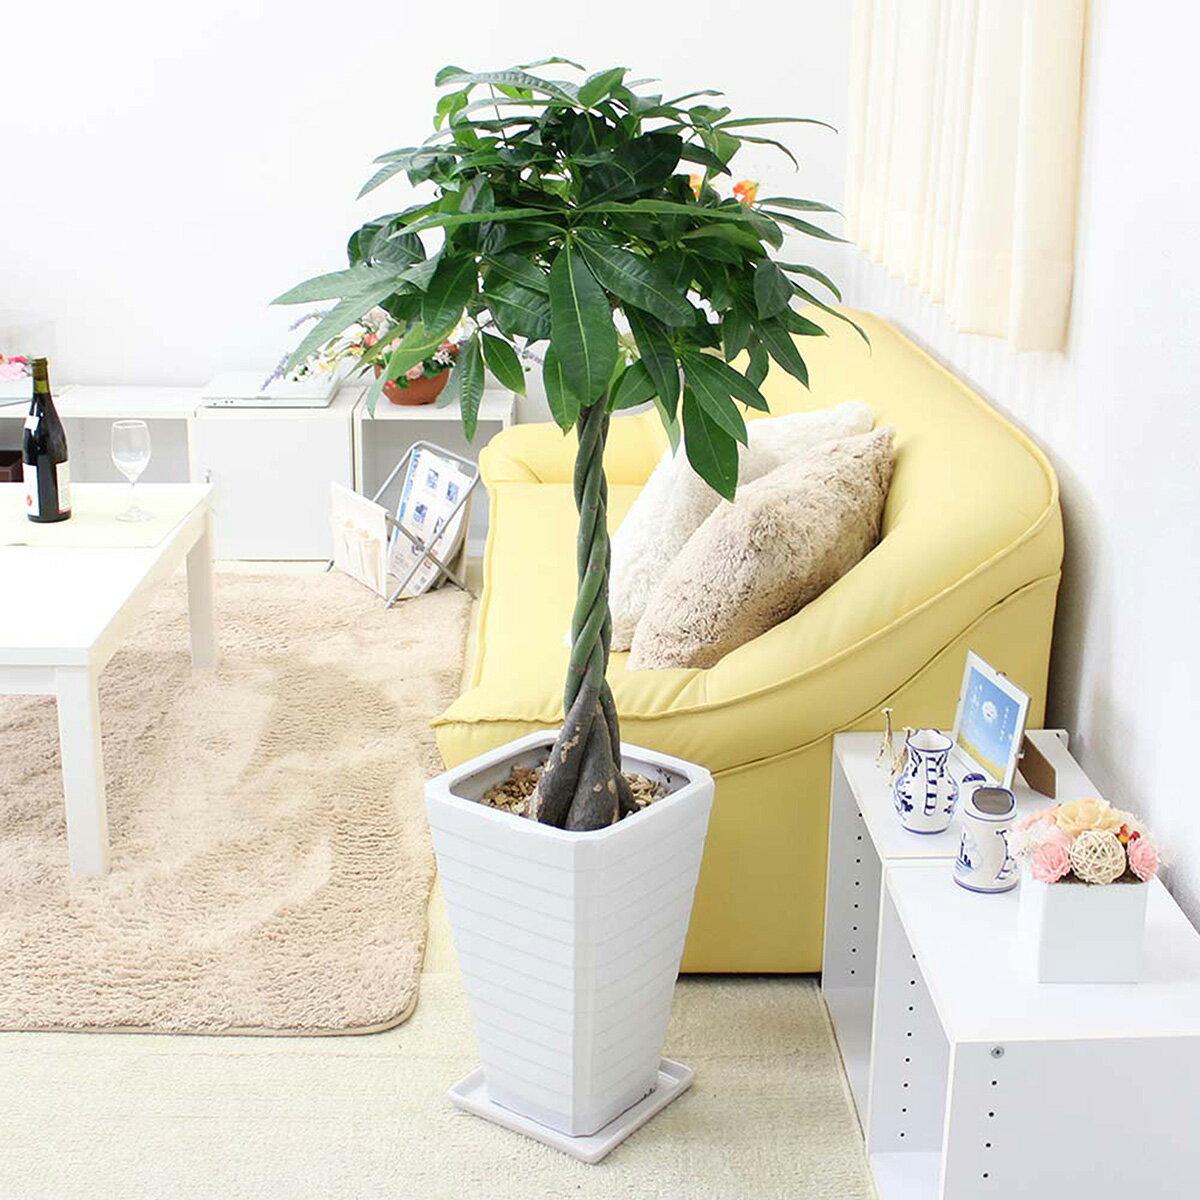 【ふるさと納税】風水にも良い観葉植物。パキラ 8号 ホワイト陶器鉢 G【※北海道・沖縄・離島のお届け不可】